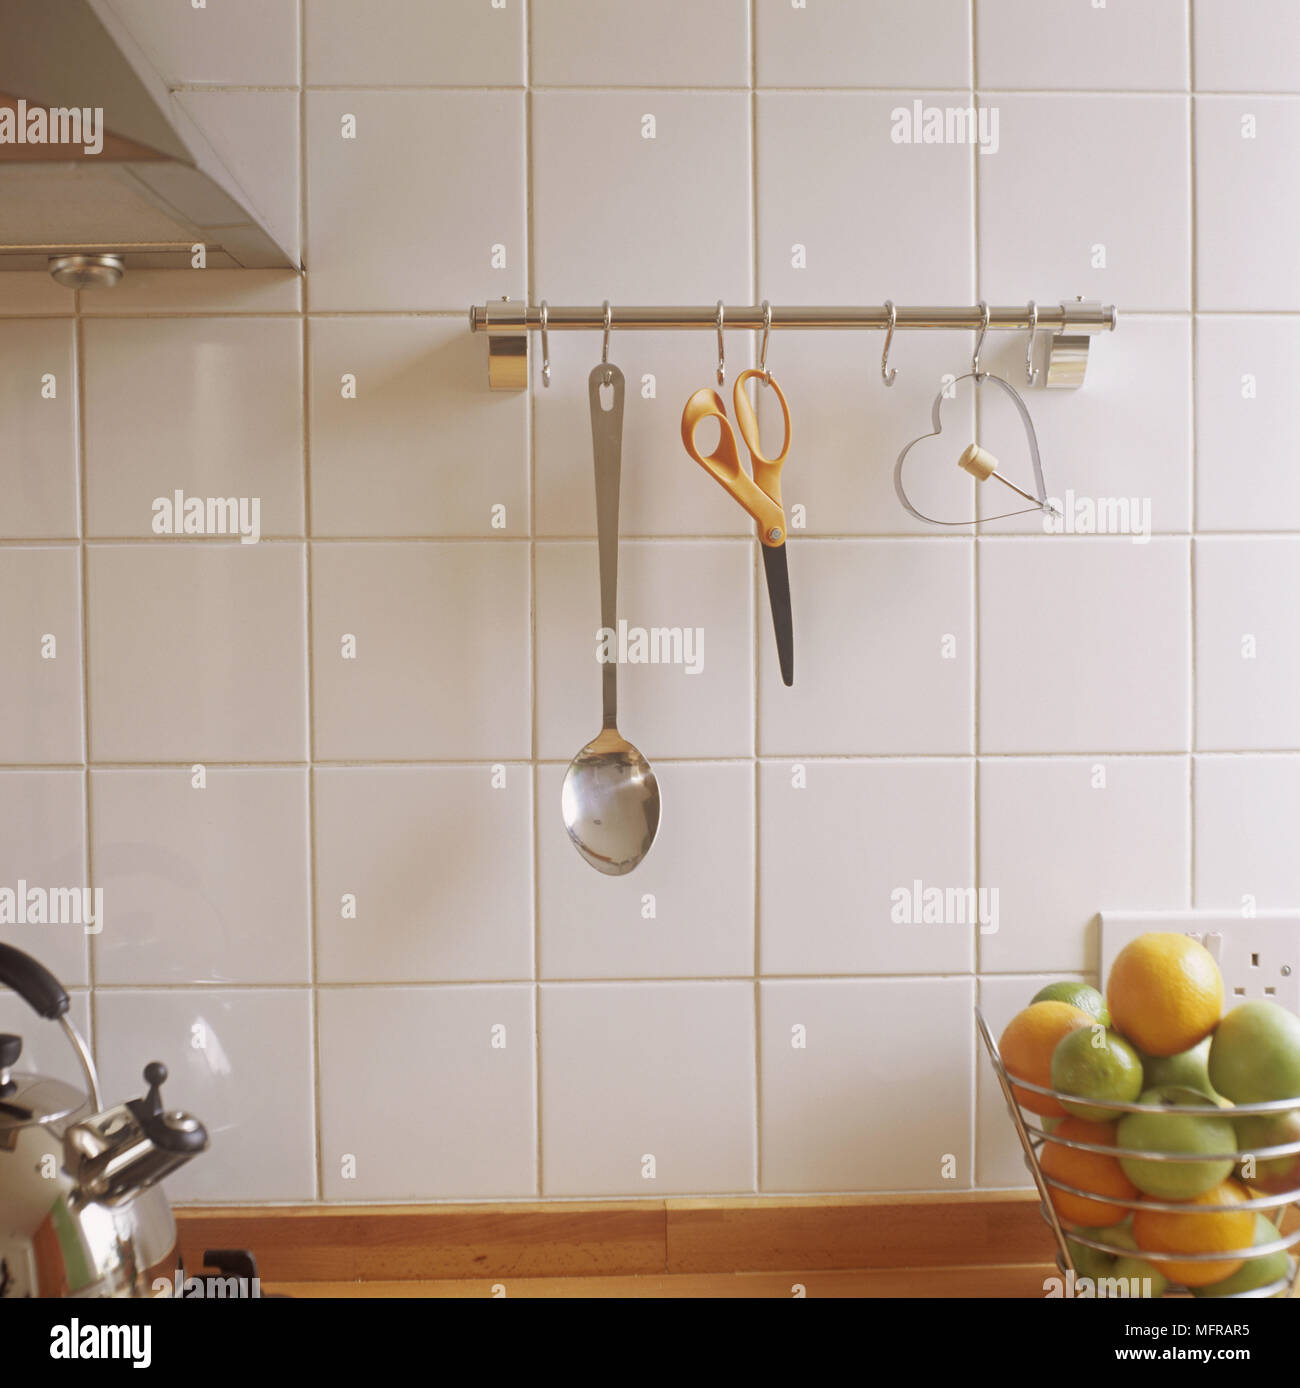 Encantador Piso De La Cocina Azulejos Irlanda Ilustración - Ideas de ...